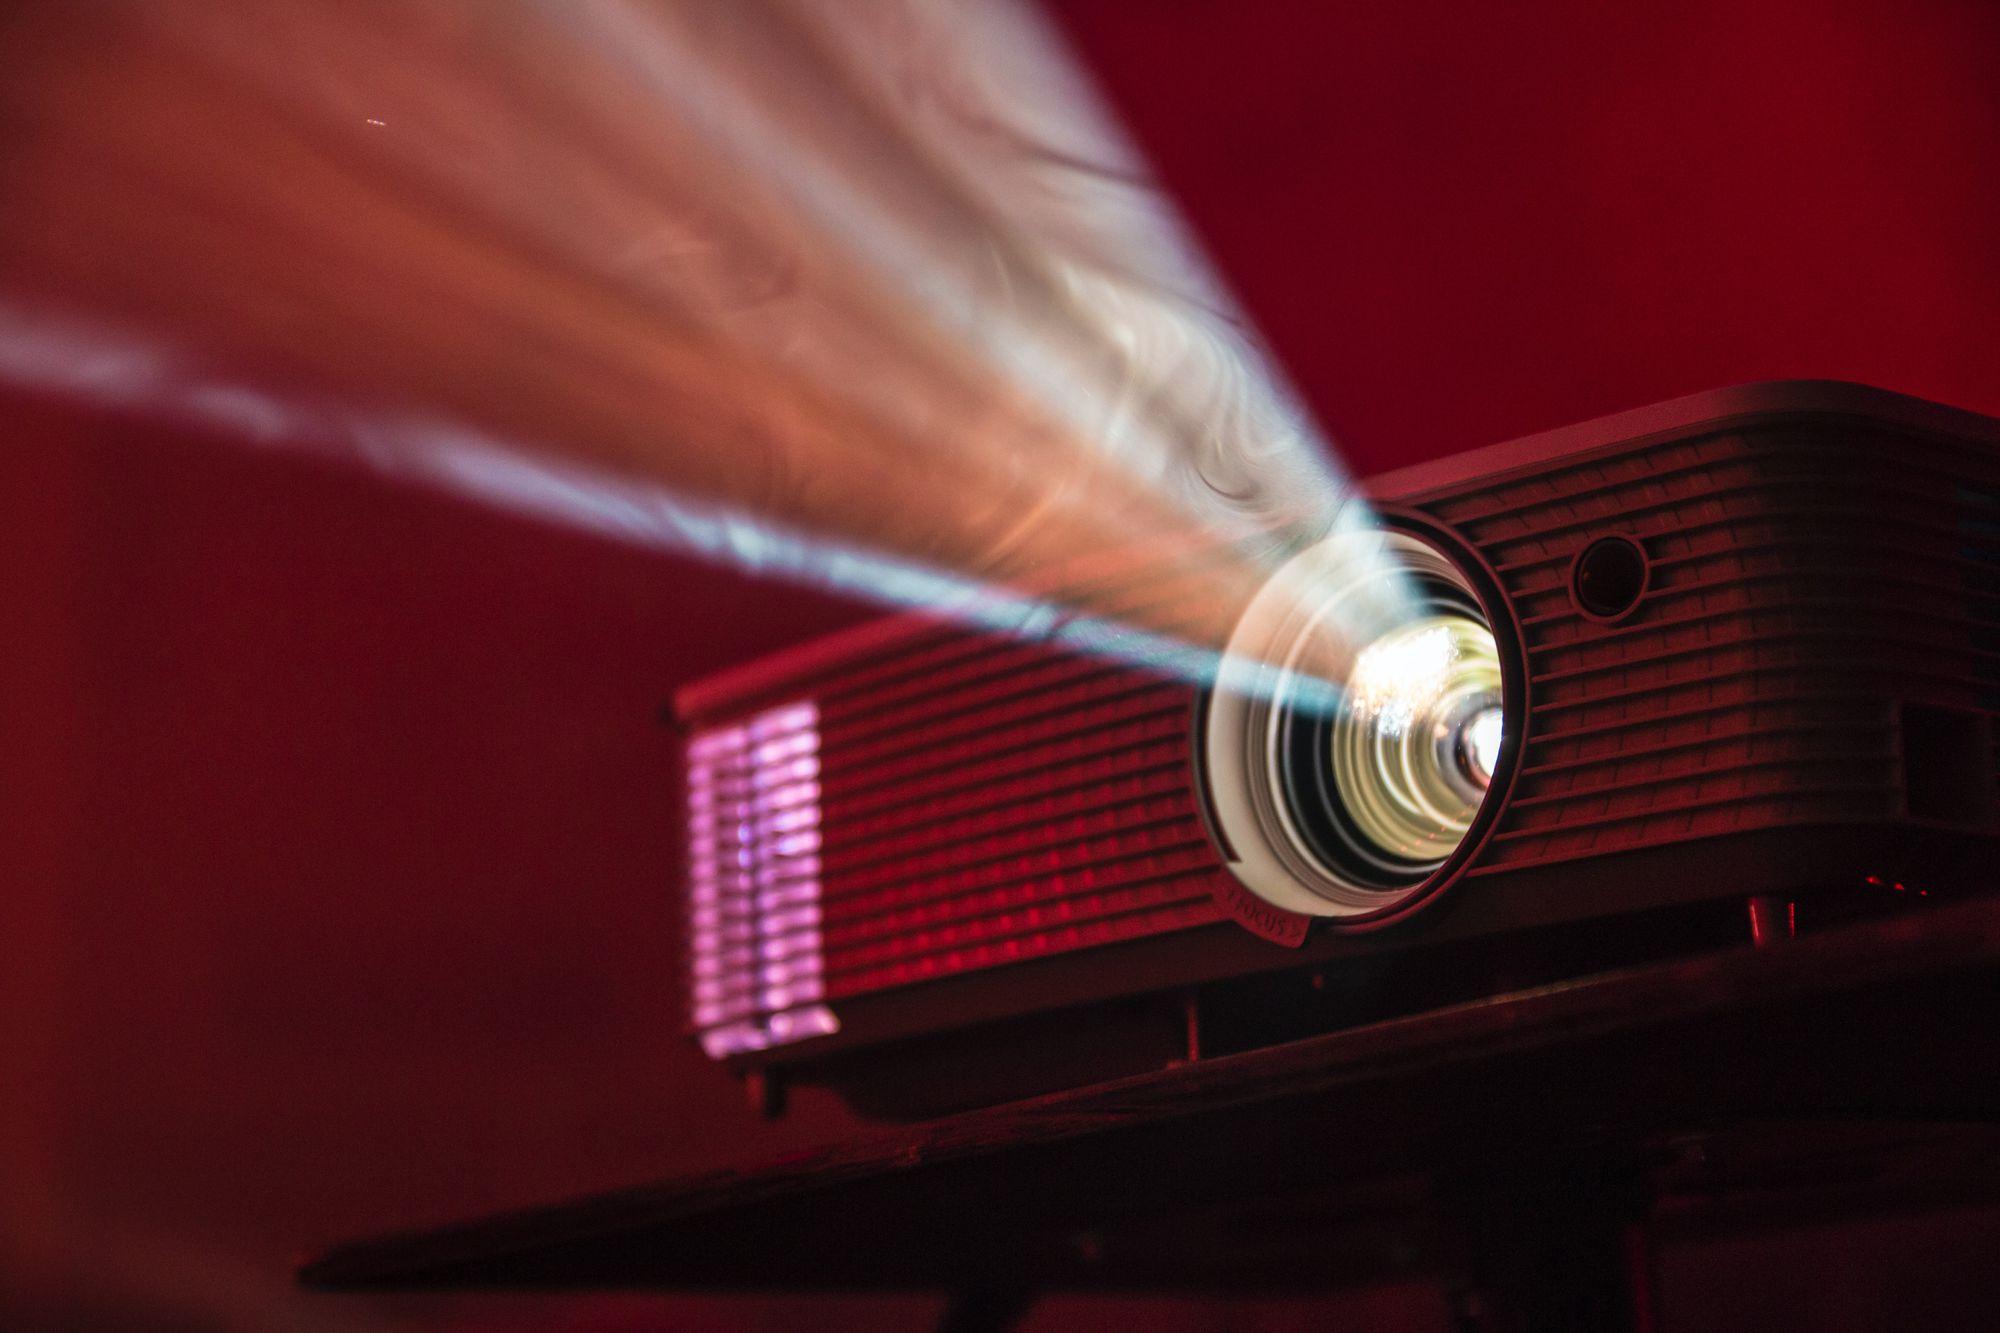 Selama Pandemi Gak Bisa Ke Bioskop, Ide Home Theater Ini Cocok untuk Anda Yang Hobi Nonton!